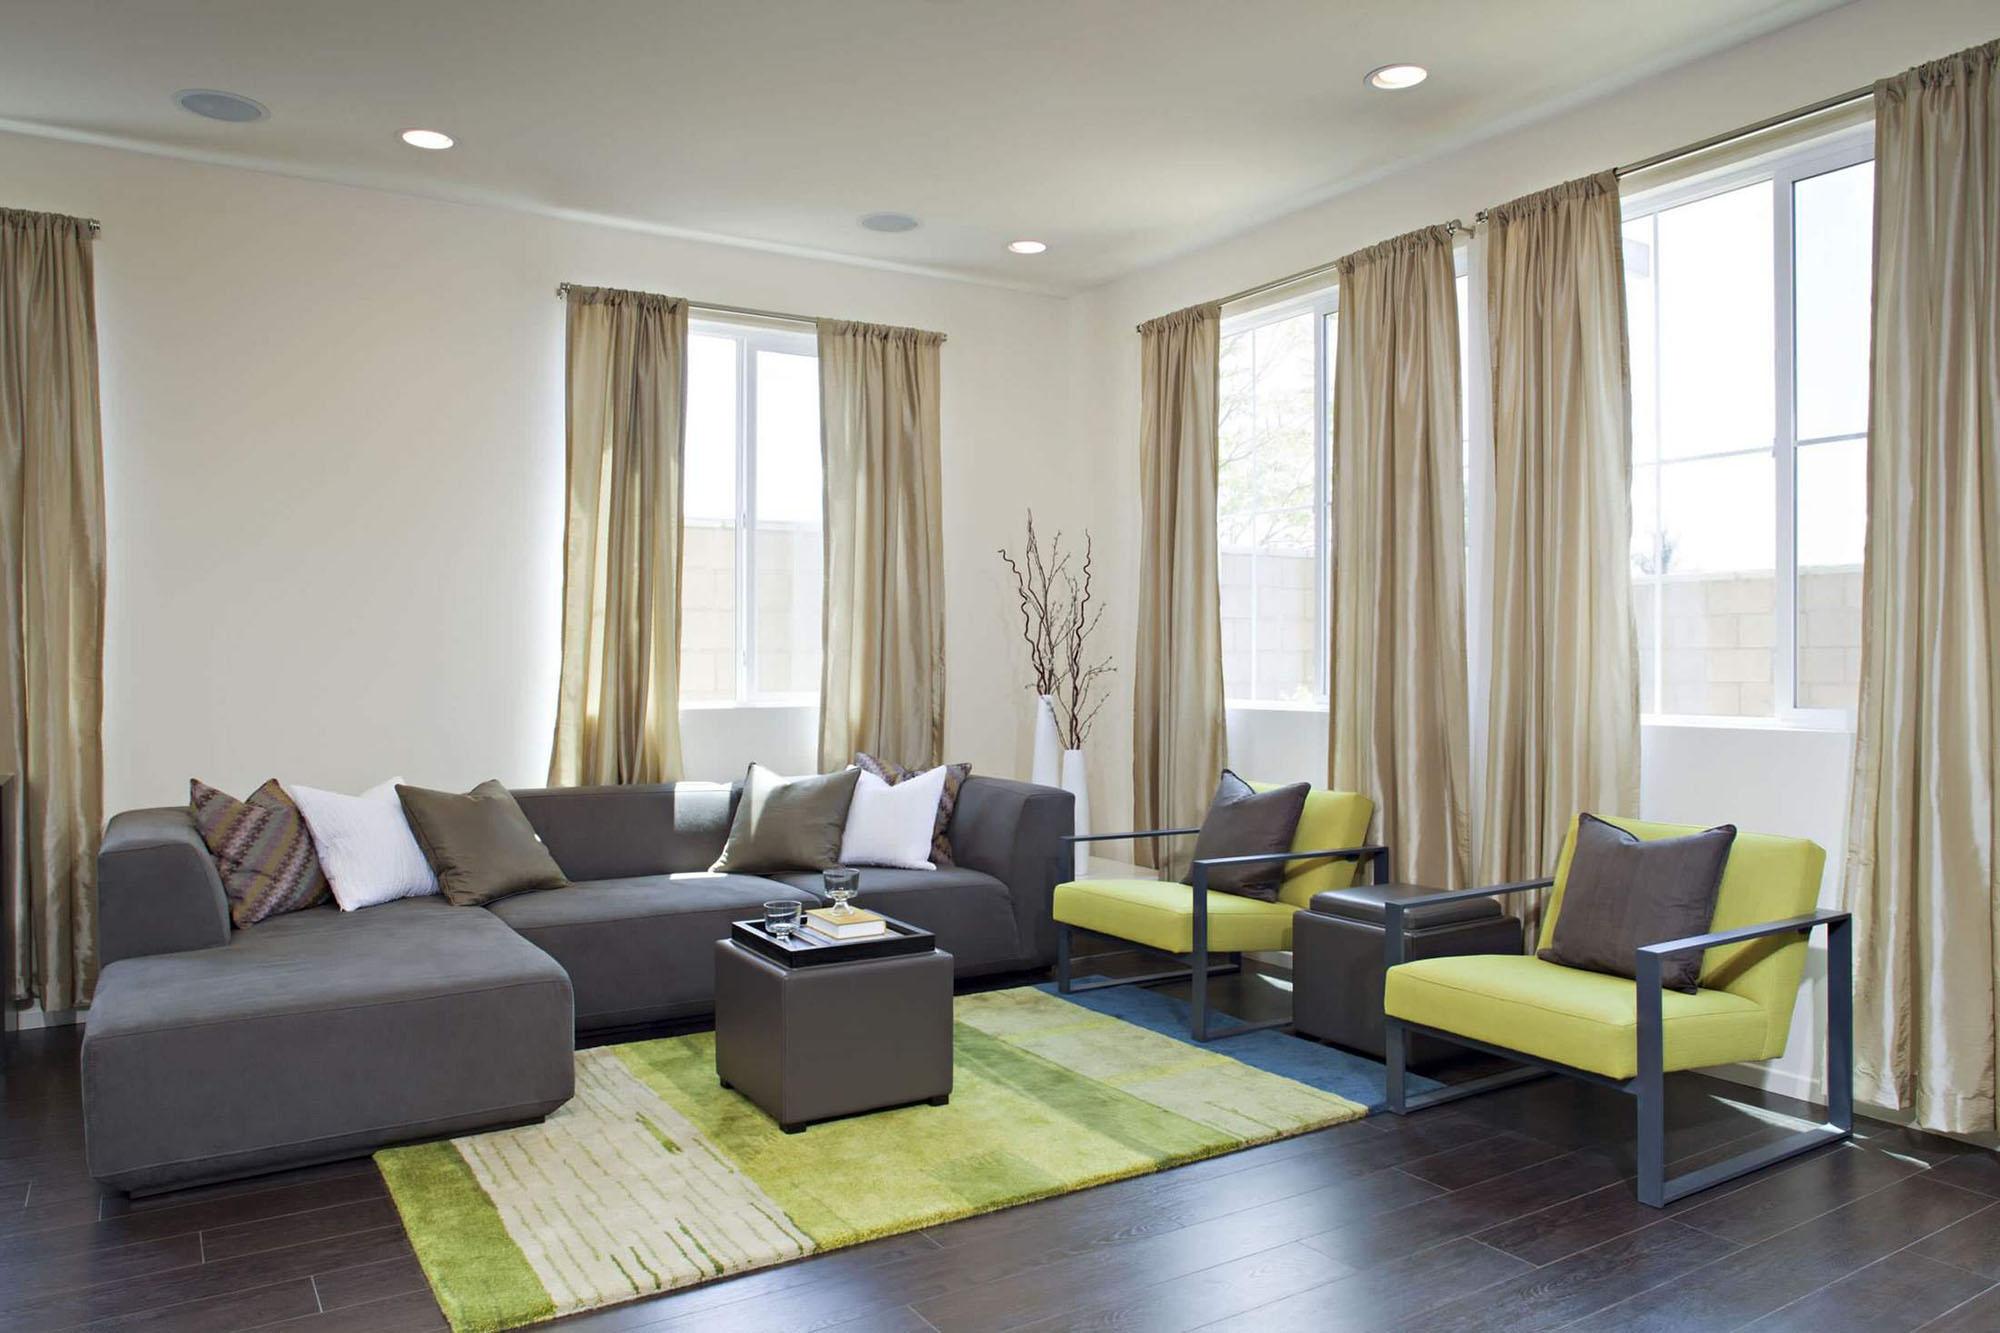 Зелено-серая мебель и акценты в гостиной